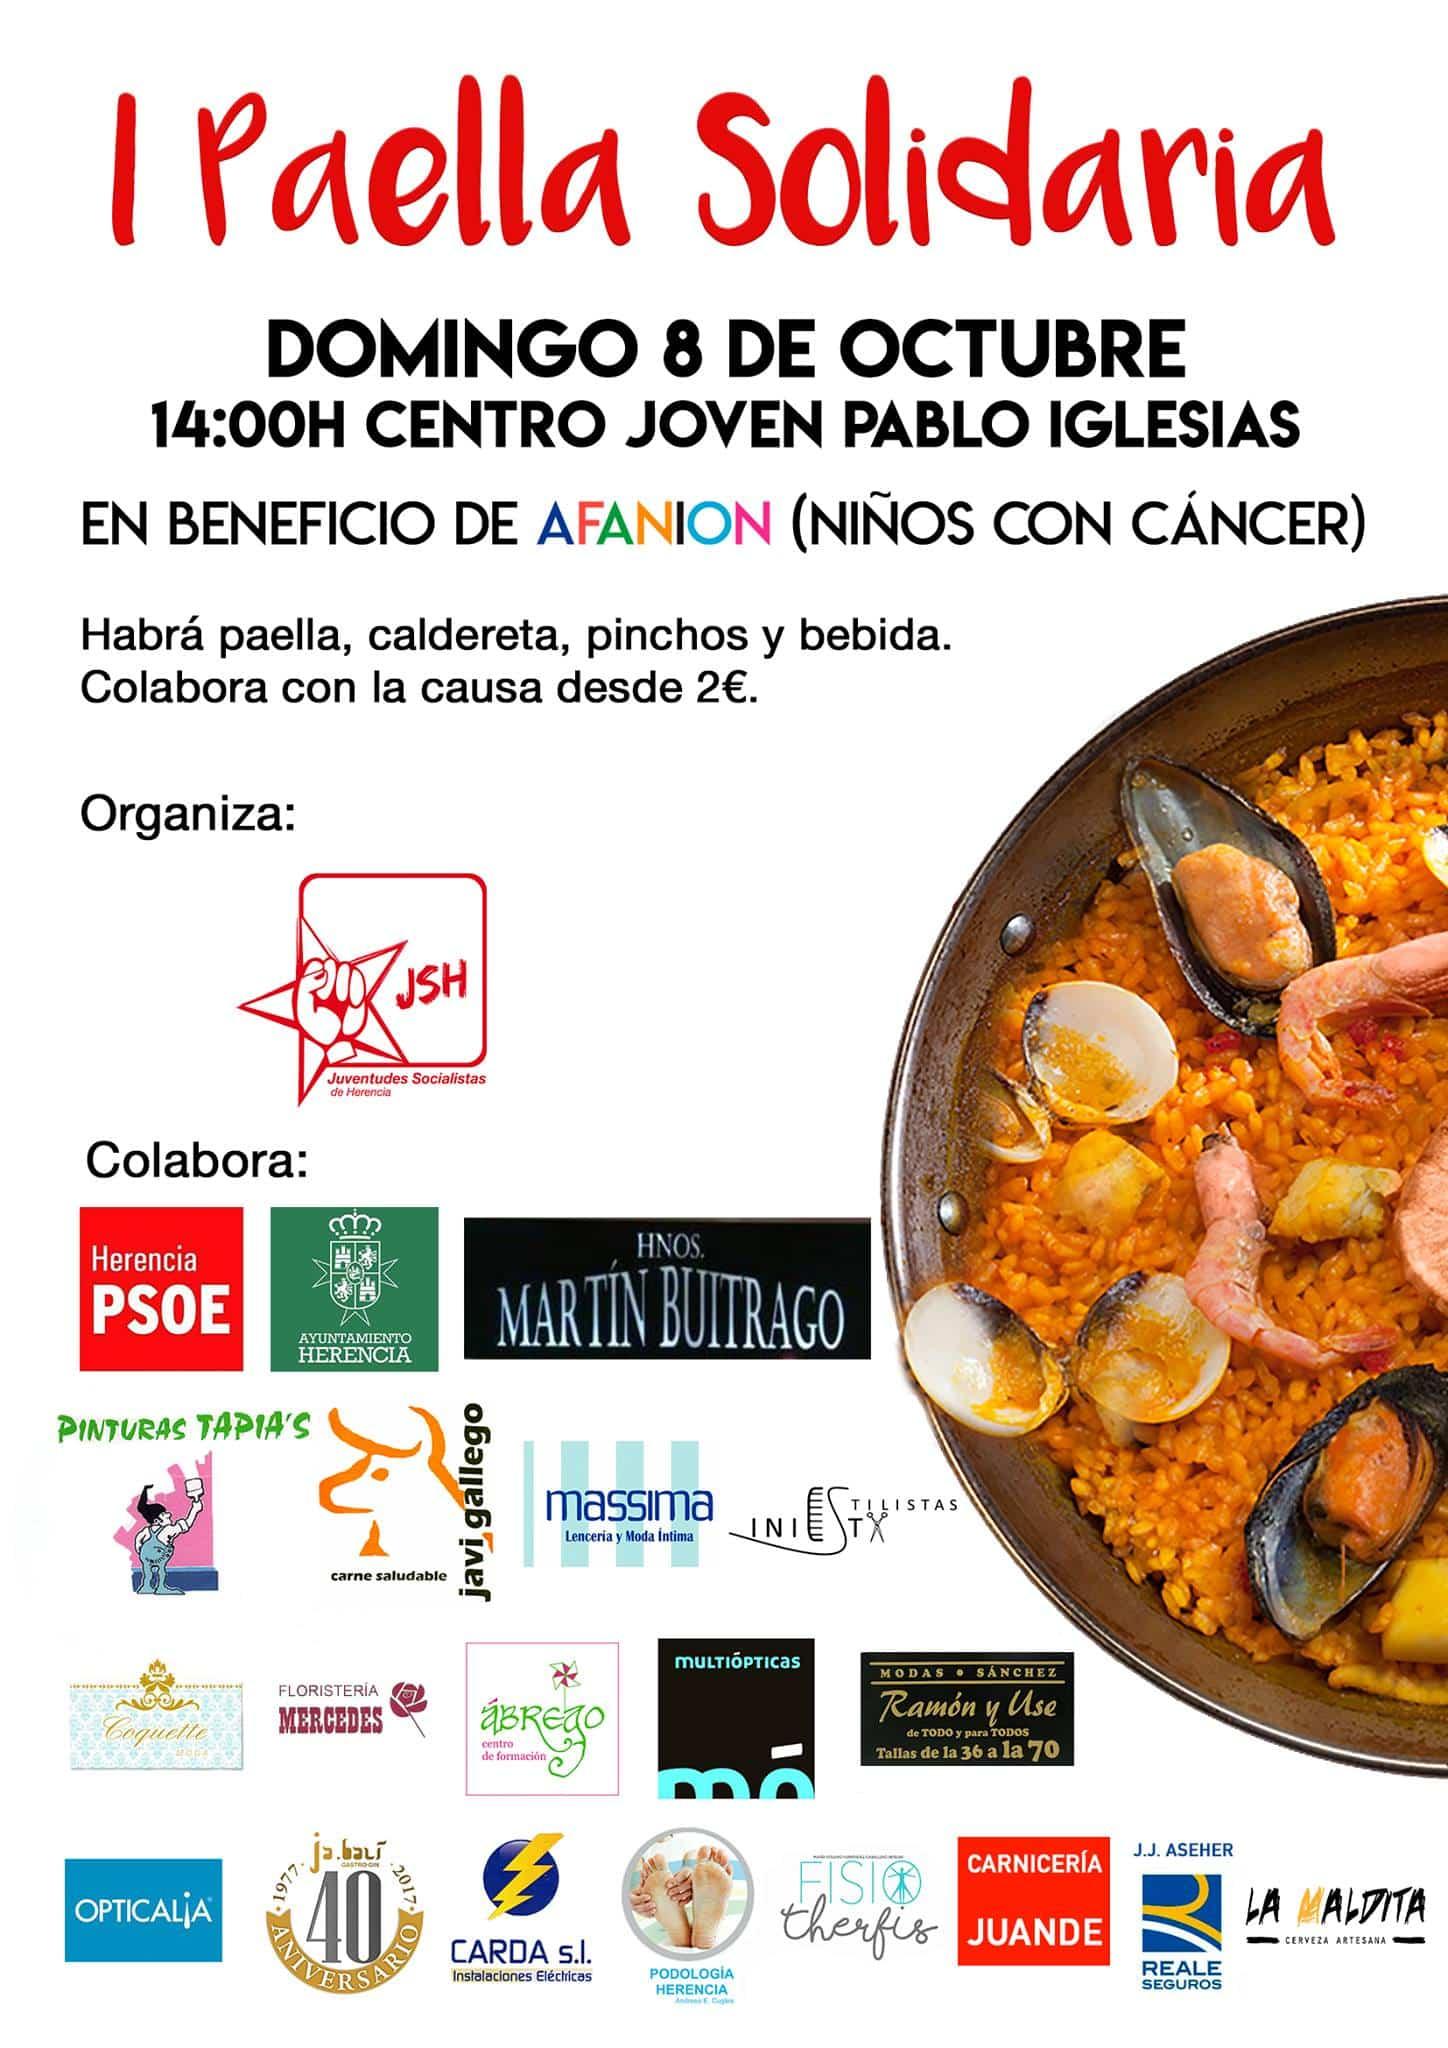 paella solidaria 2017 herencia - I Paella Solidaria en beneficio de Afanion